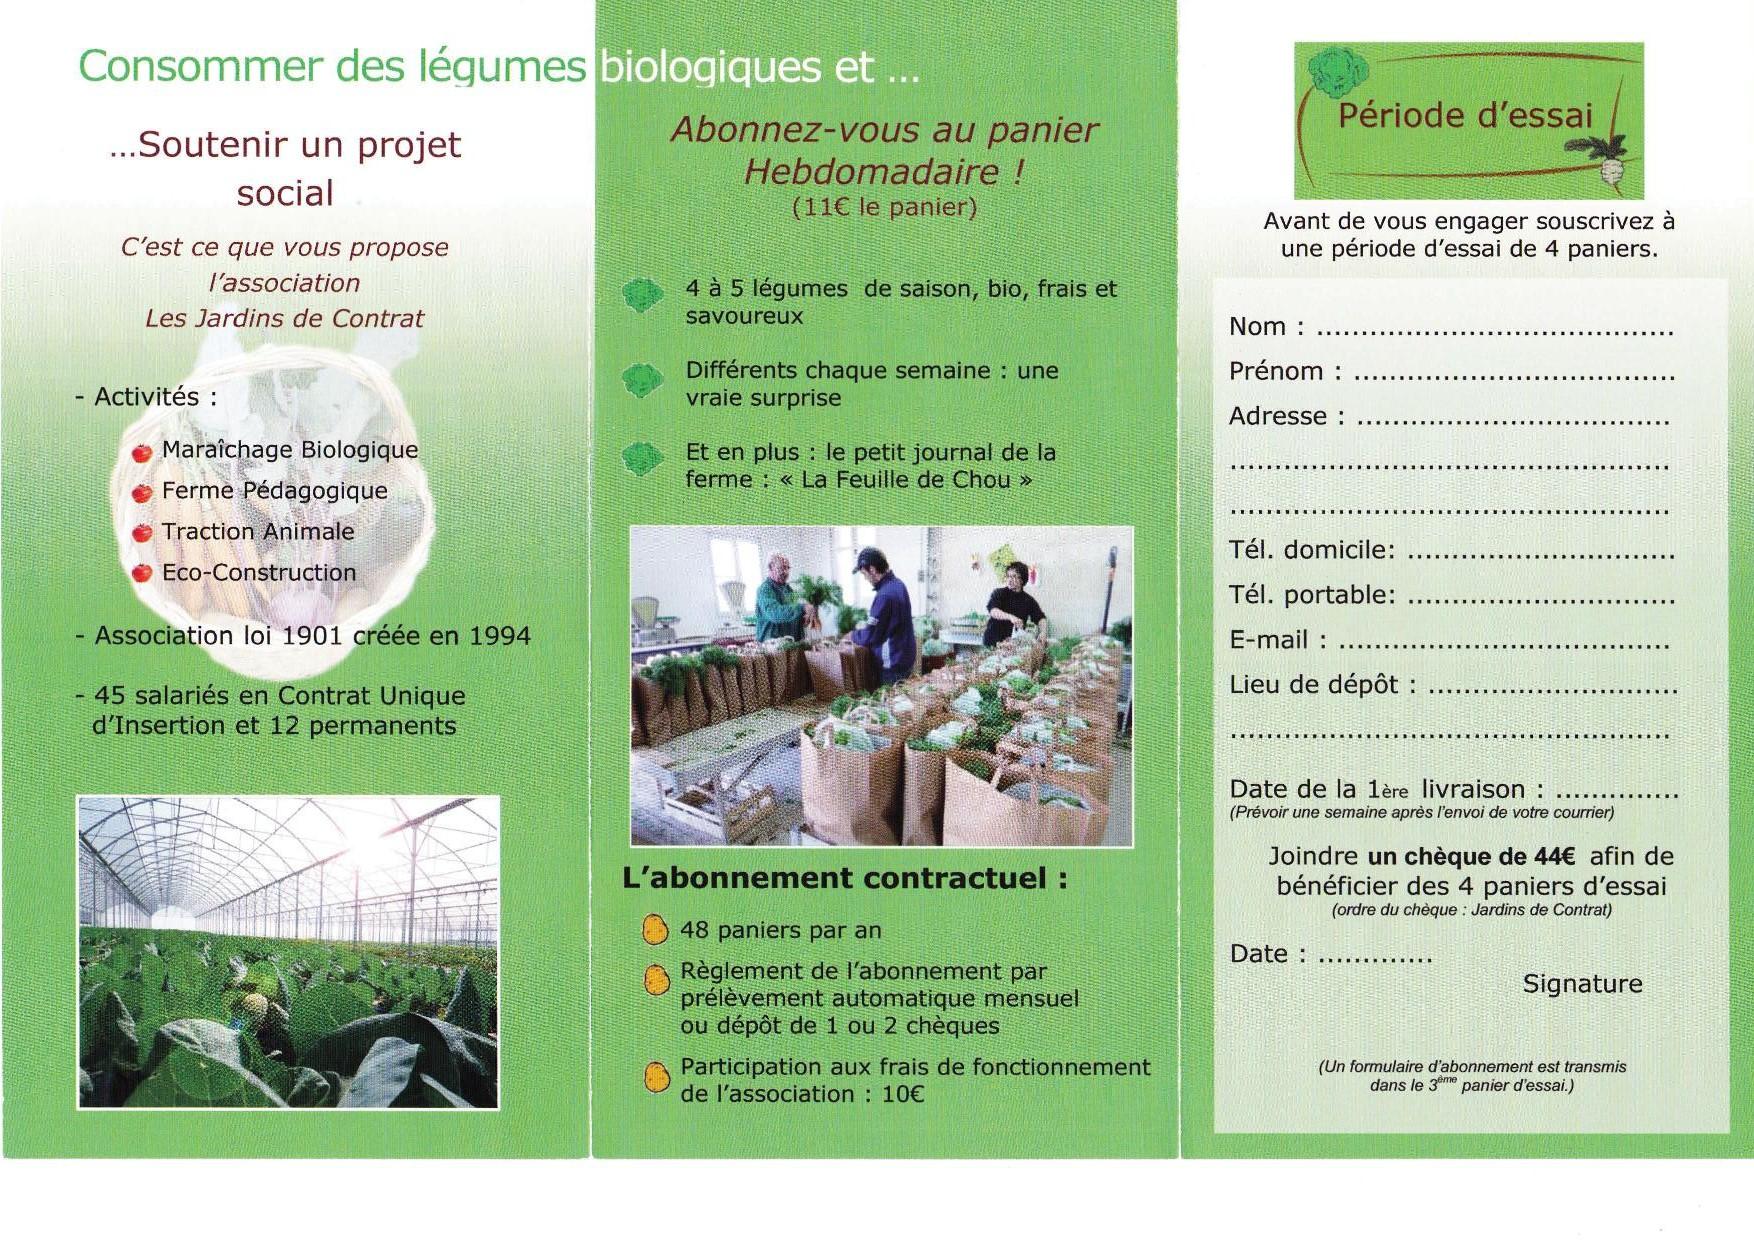 les-jardins-de-contrat-page-2-vjpeg2